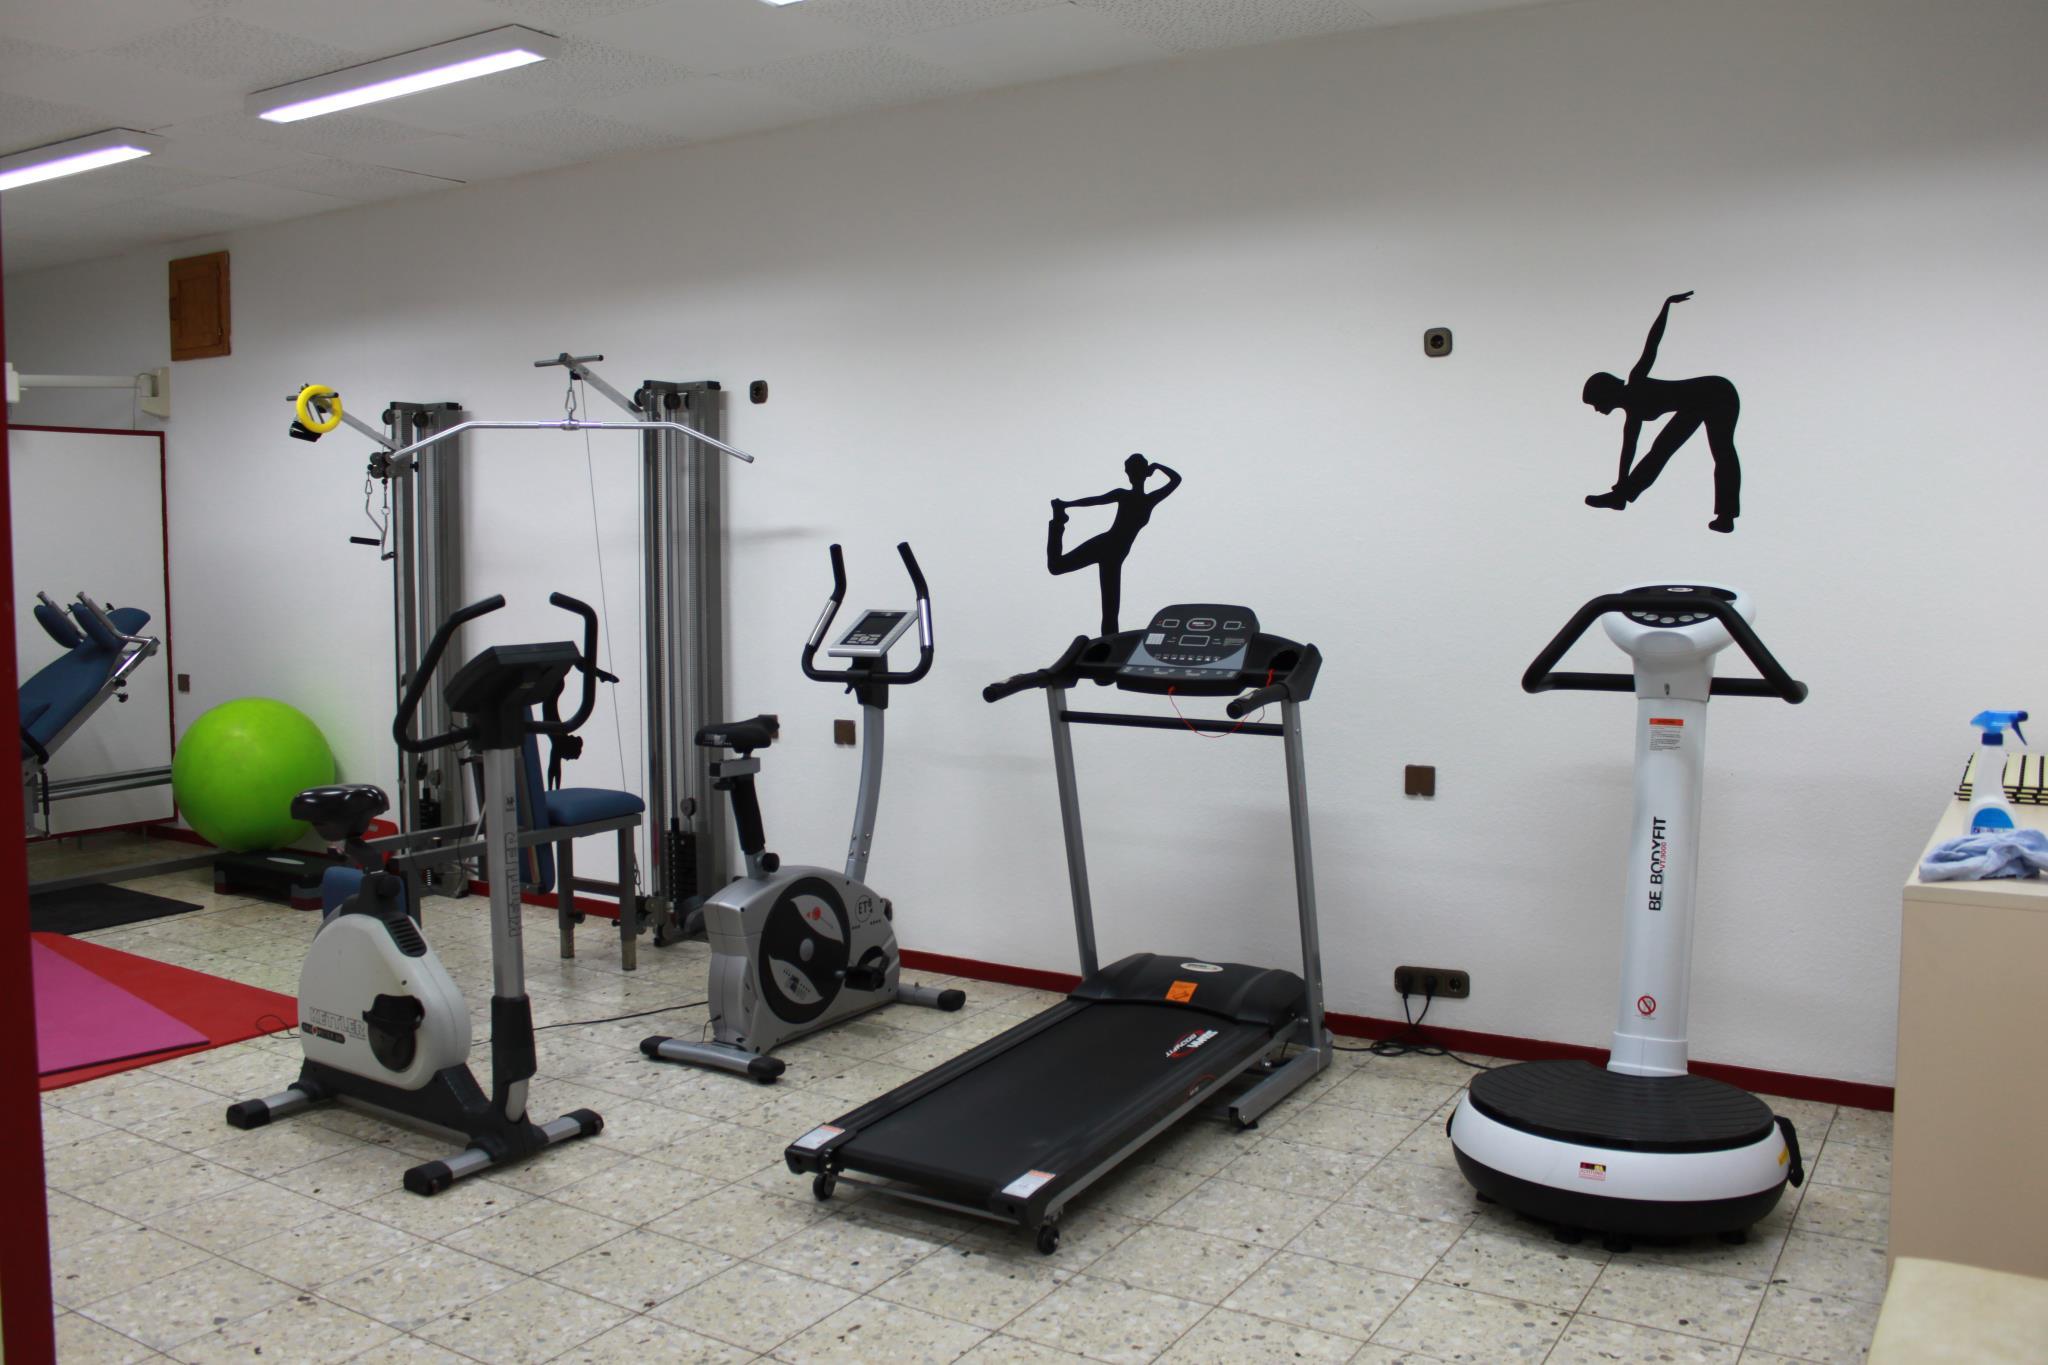 Das Bild stellt verschiedene Trainingsgeräte dar. Von links nach rechts: rote und lila Gymnastikmatten, eine Beinpresse, ein grüner Pezziball, zwei Zugapparate, ein Ergoh-Mehter (Trimmrad), ein Laufband und eine Vibrationsplatte. An der dem Betrachter zugewandten Wandfläche sind zwei schwarze weibliche Silhouetten zu sehen, die Gymnastik betreiben.